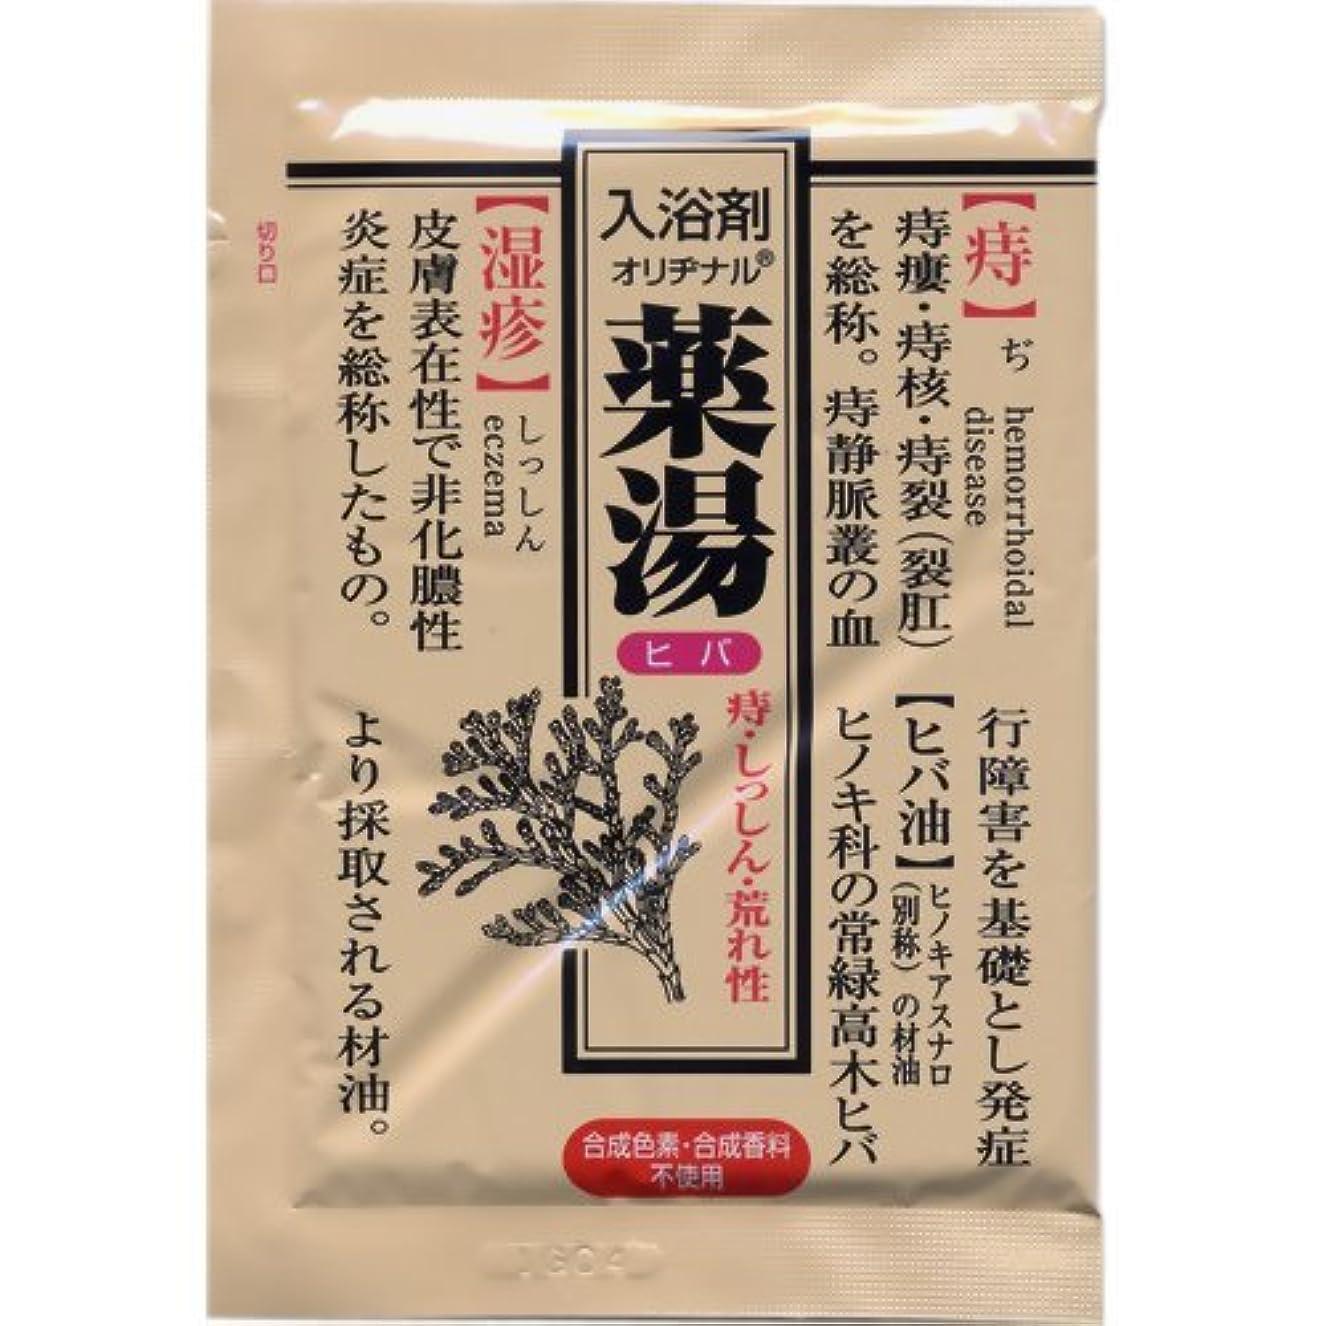 何故なの広がりイブニングオリヂナル 薬湯 ヒバ 30g